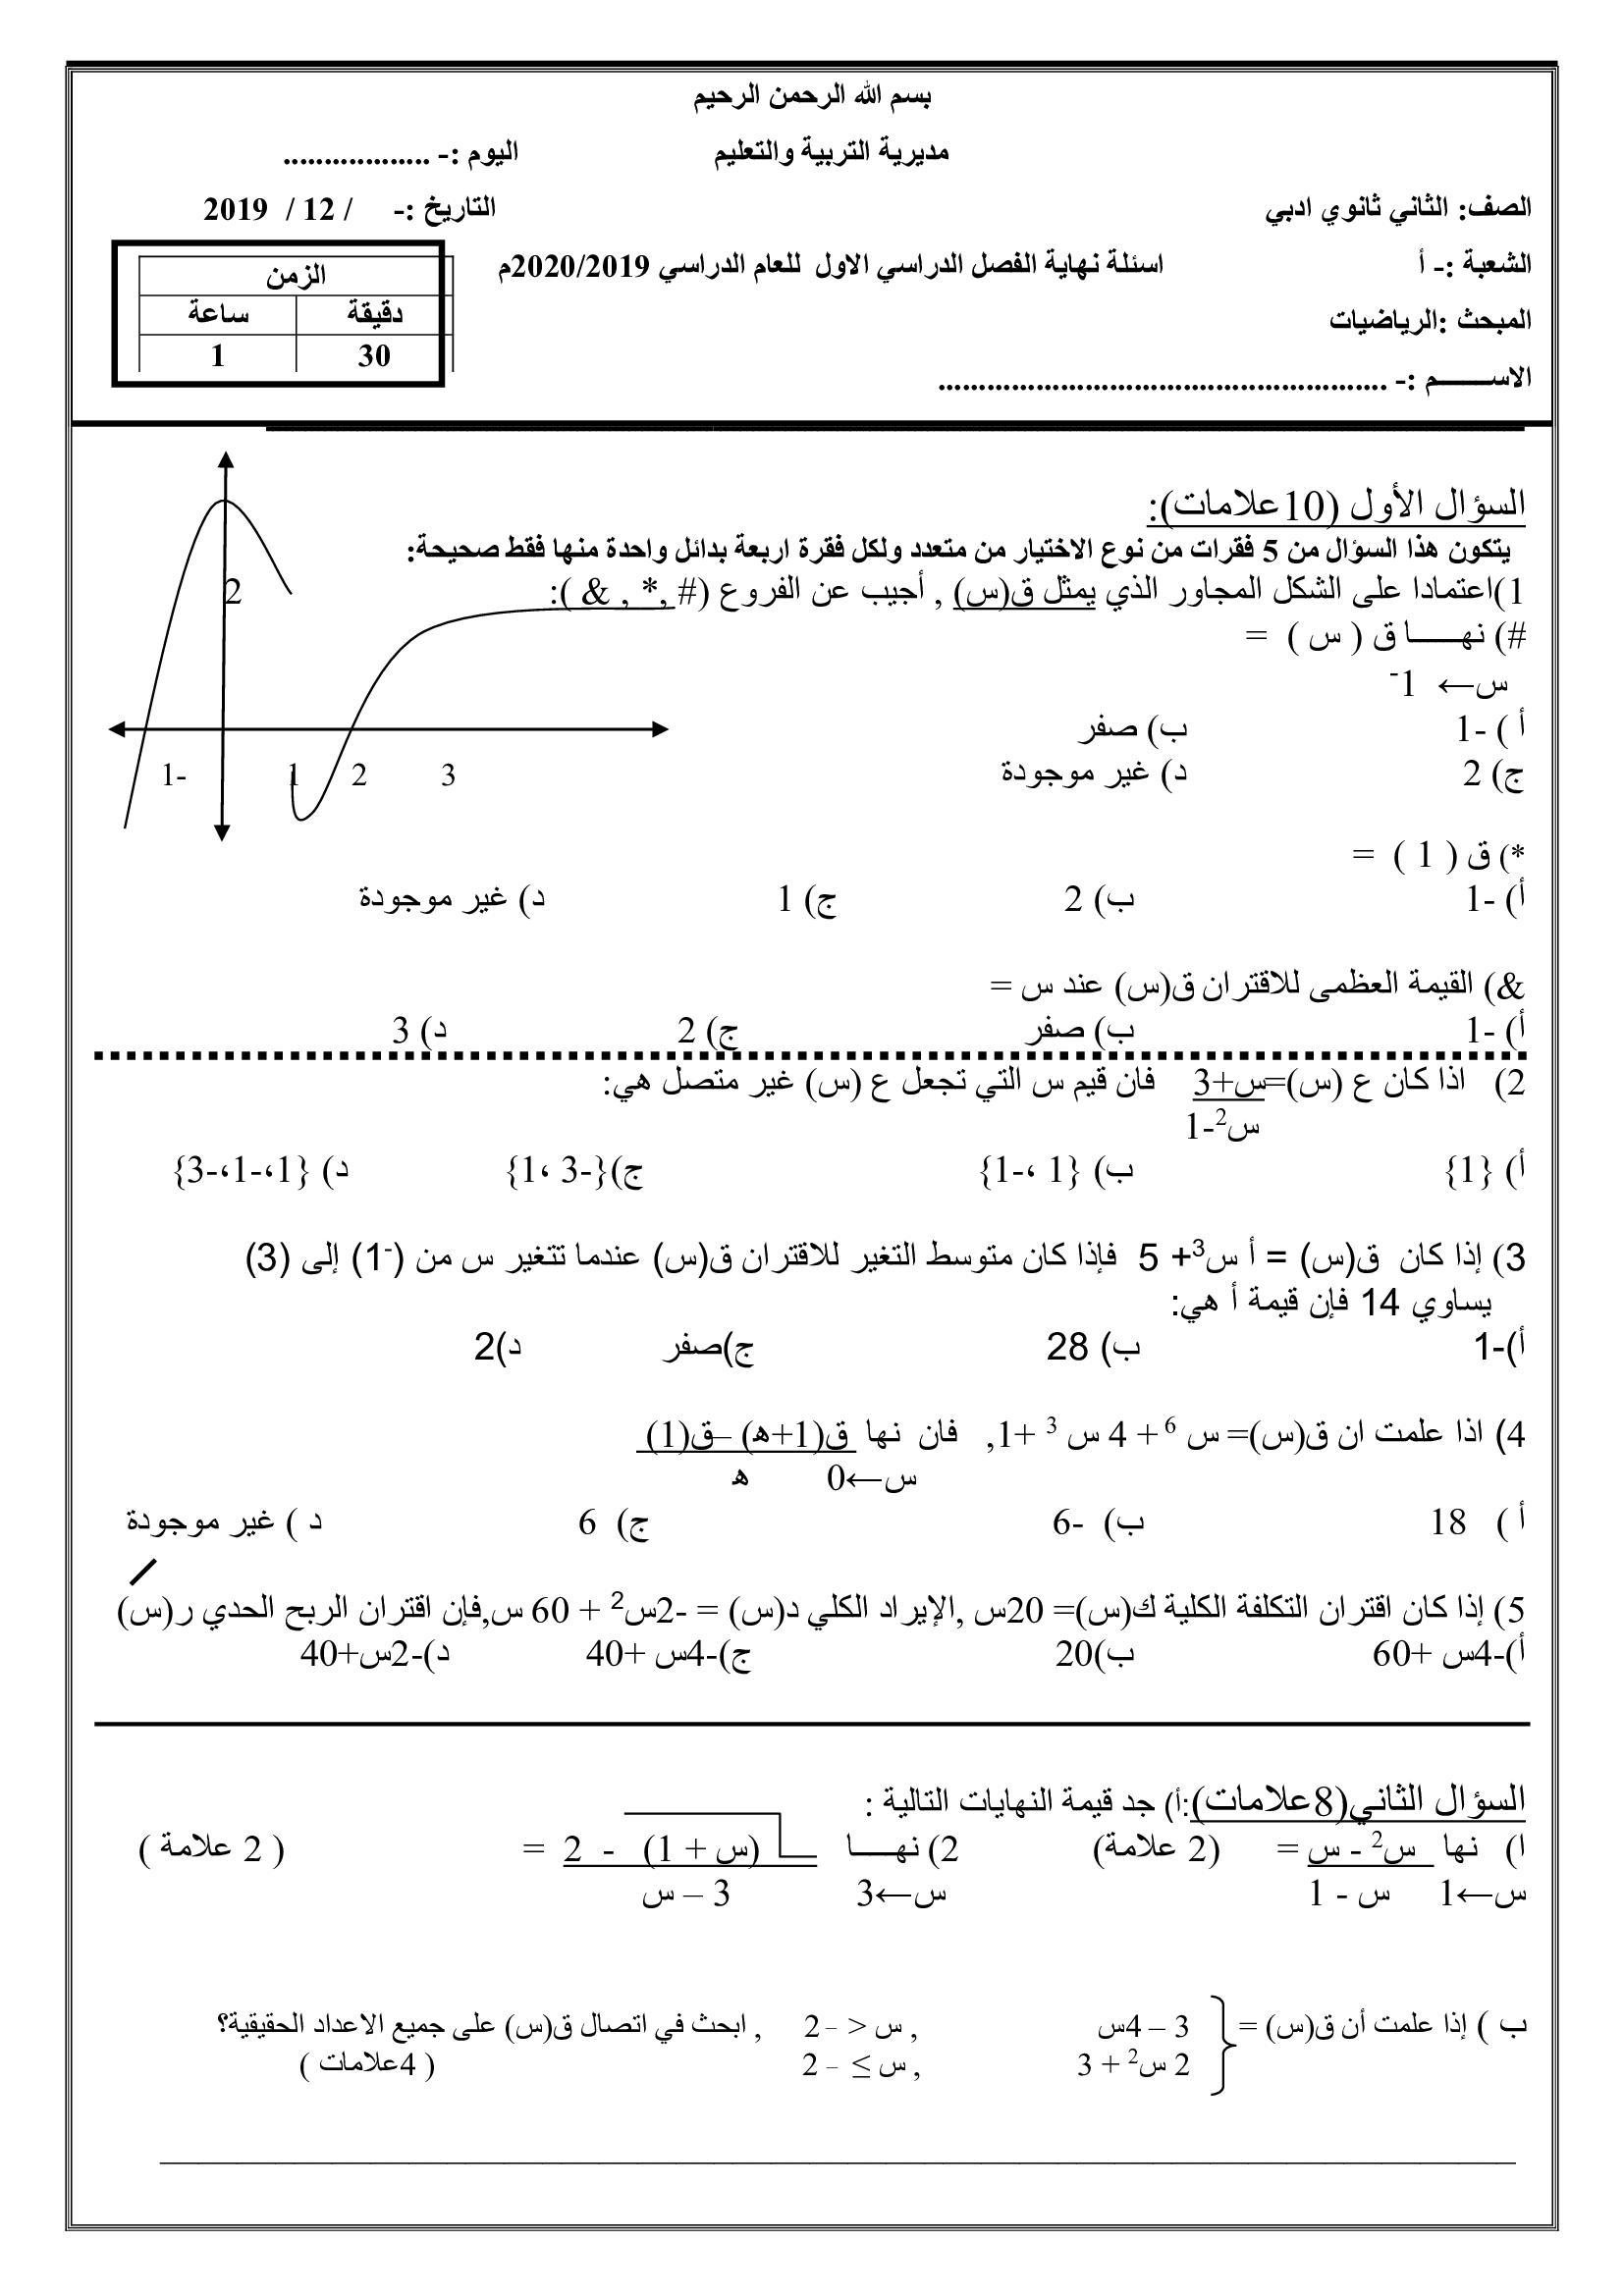 امتحان نهائي تجريبي لمادة الرياضيات للصف الثاني الثانوي الادبي الفصل الاول 2019